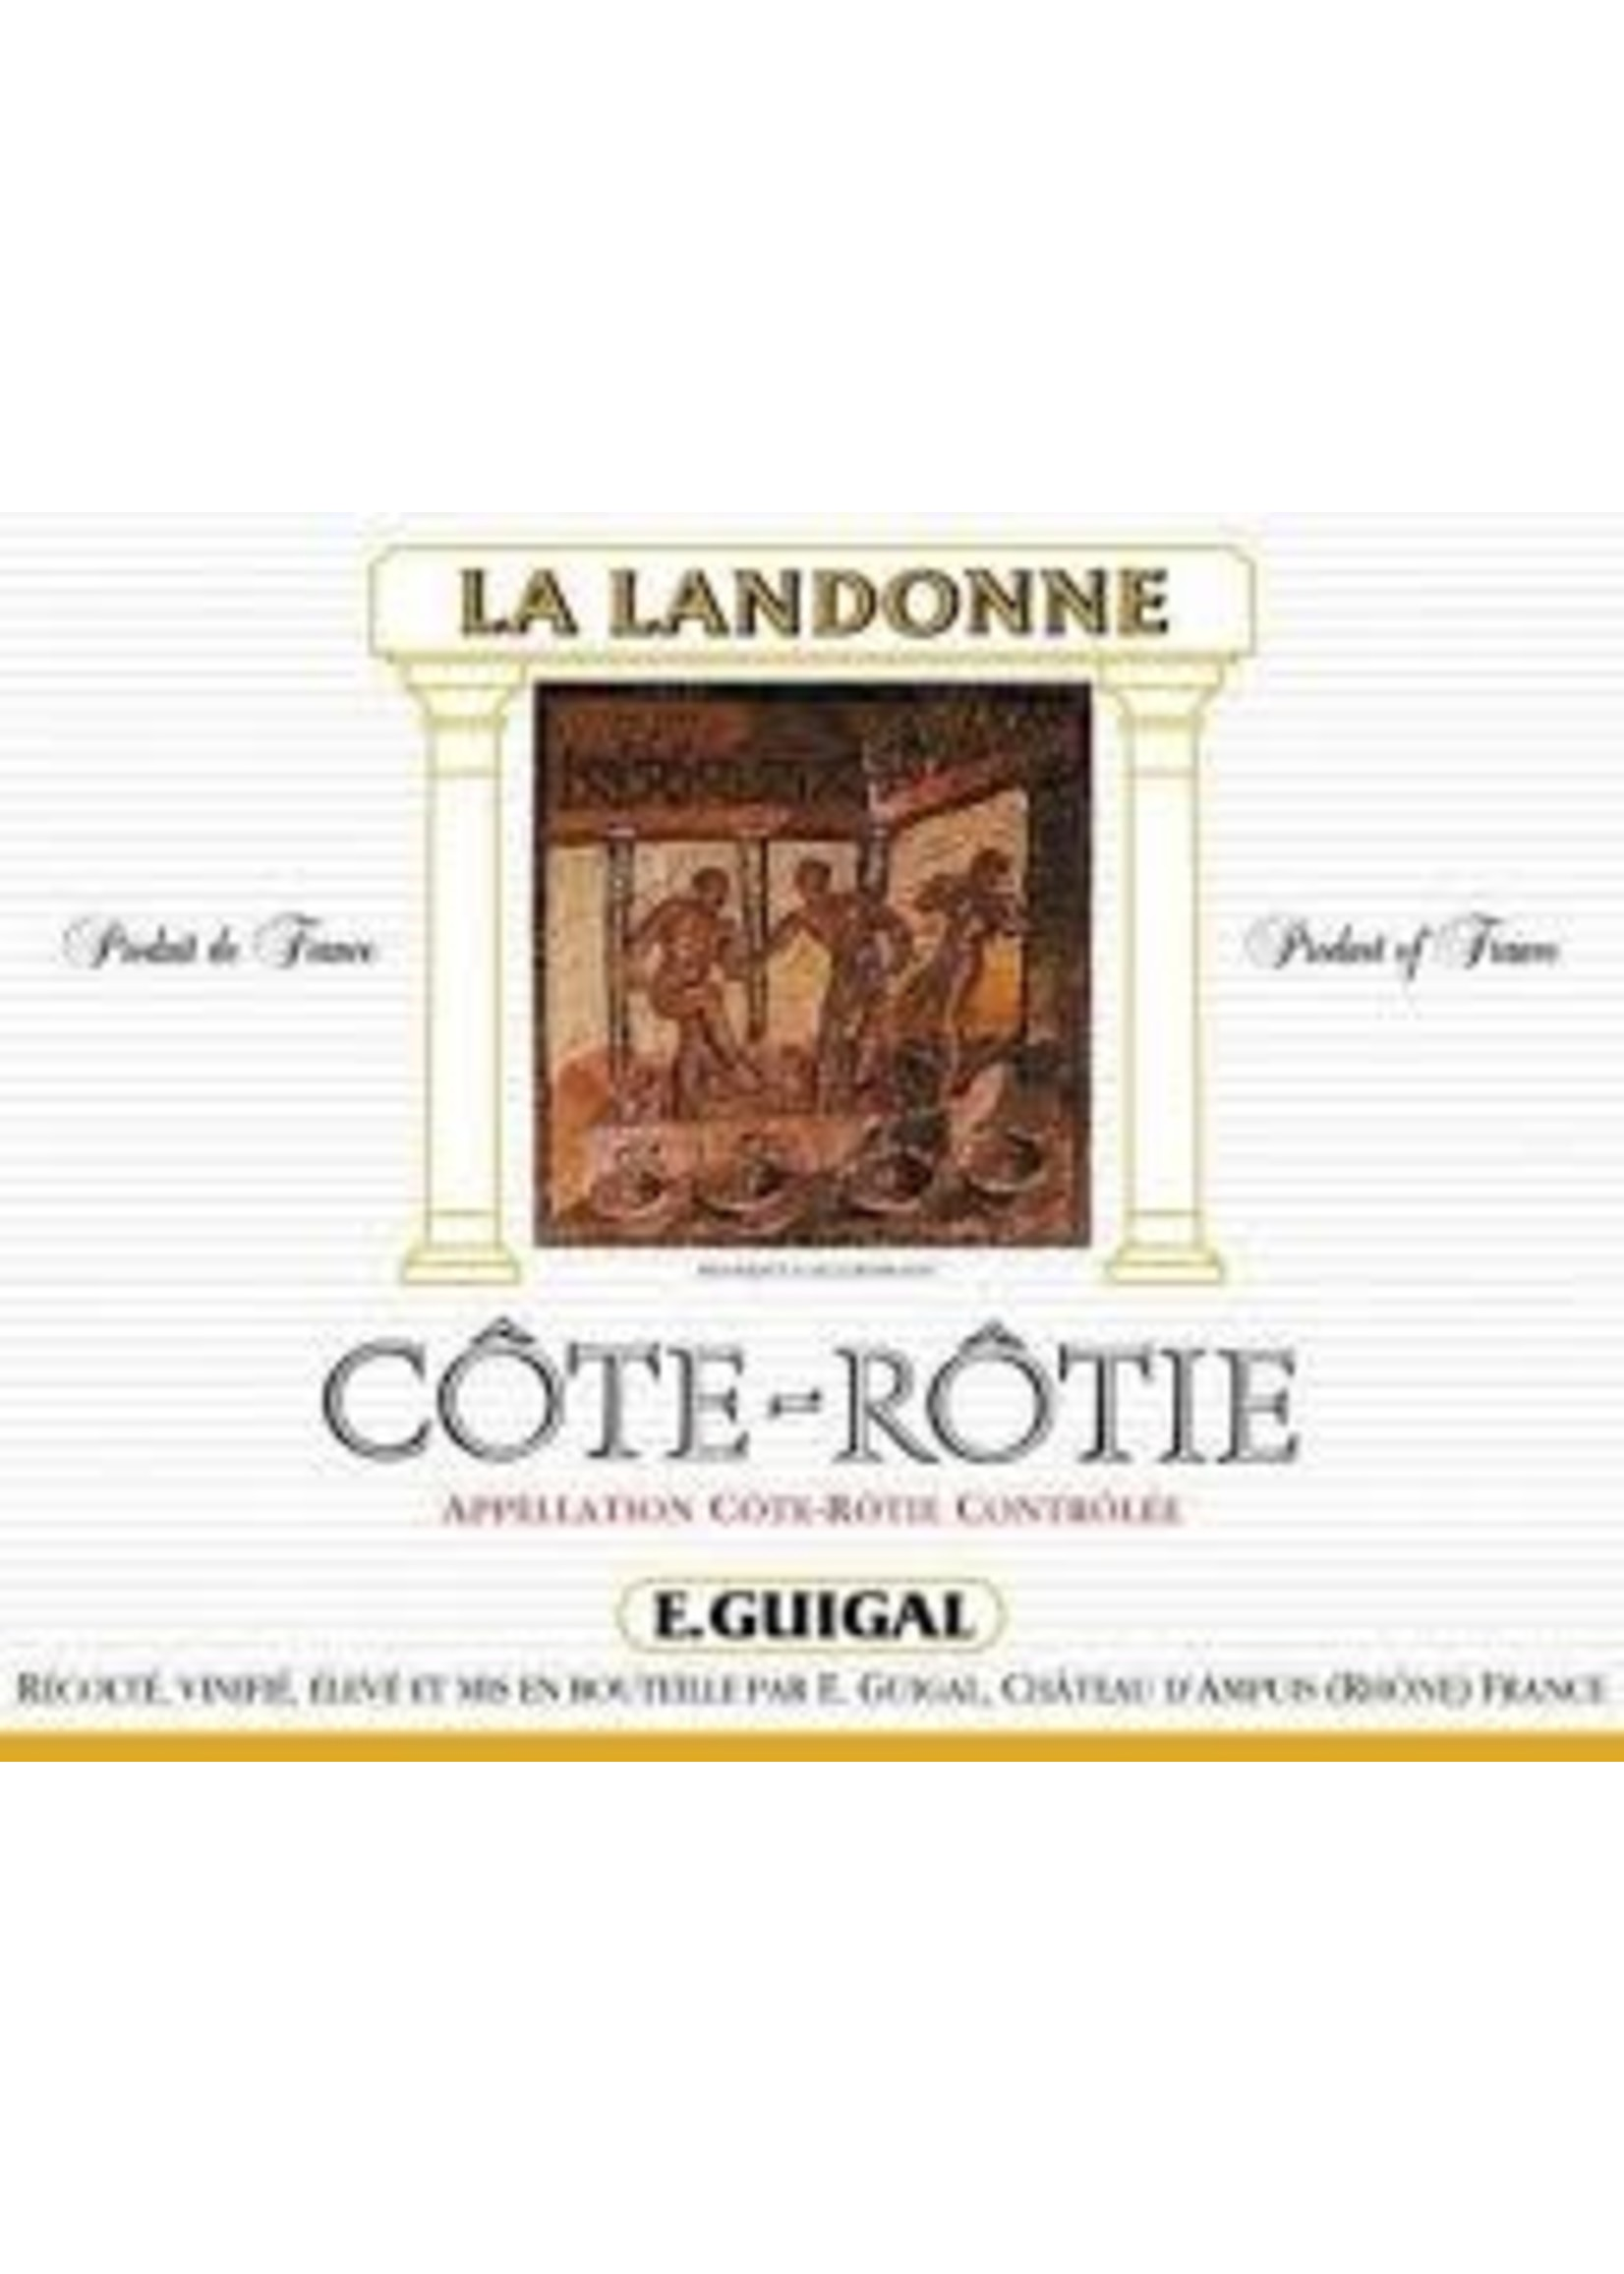 E. Guigal 2007 Cote Rotie La Landonne 750ml [PRE-ARRIVAL]